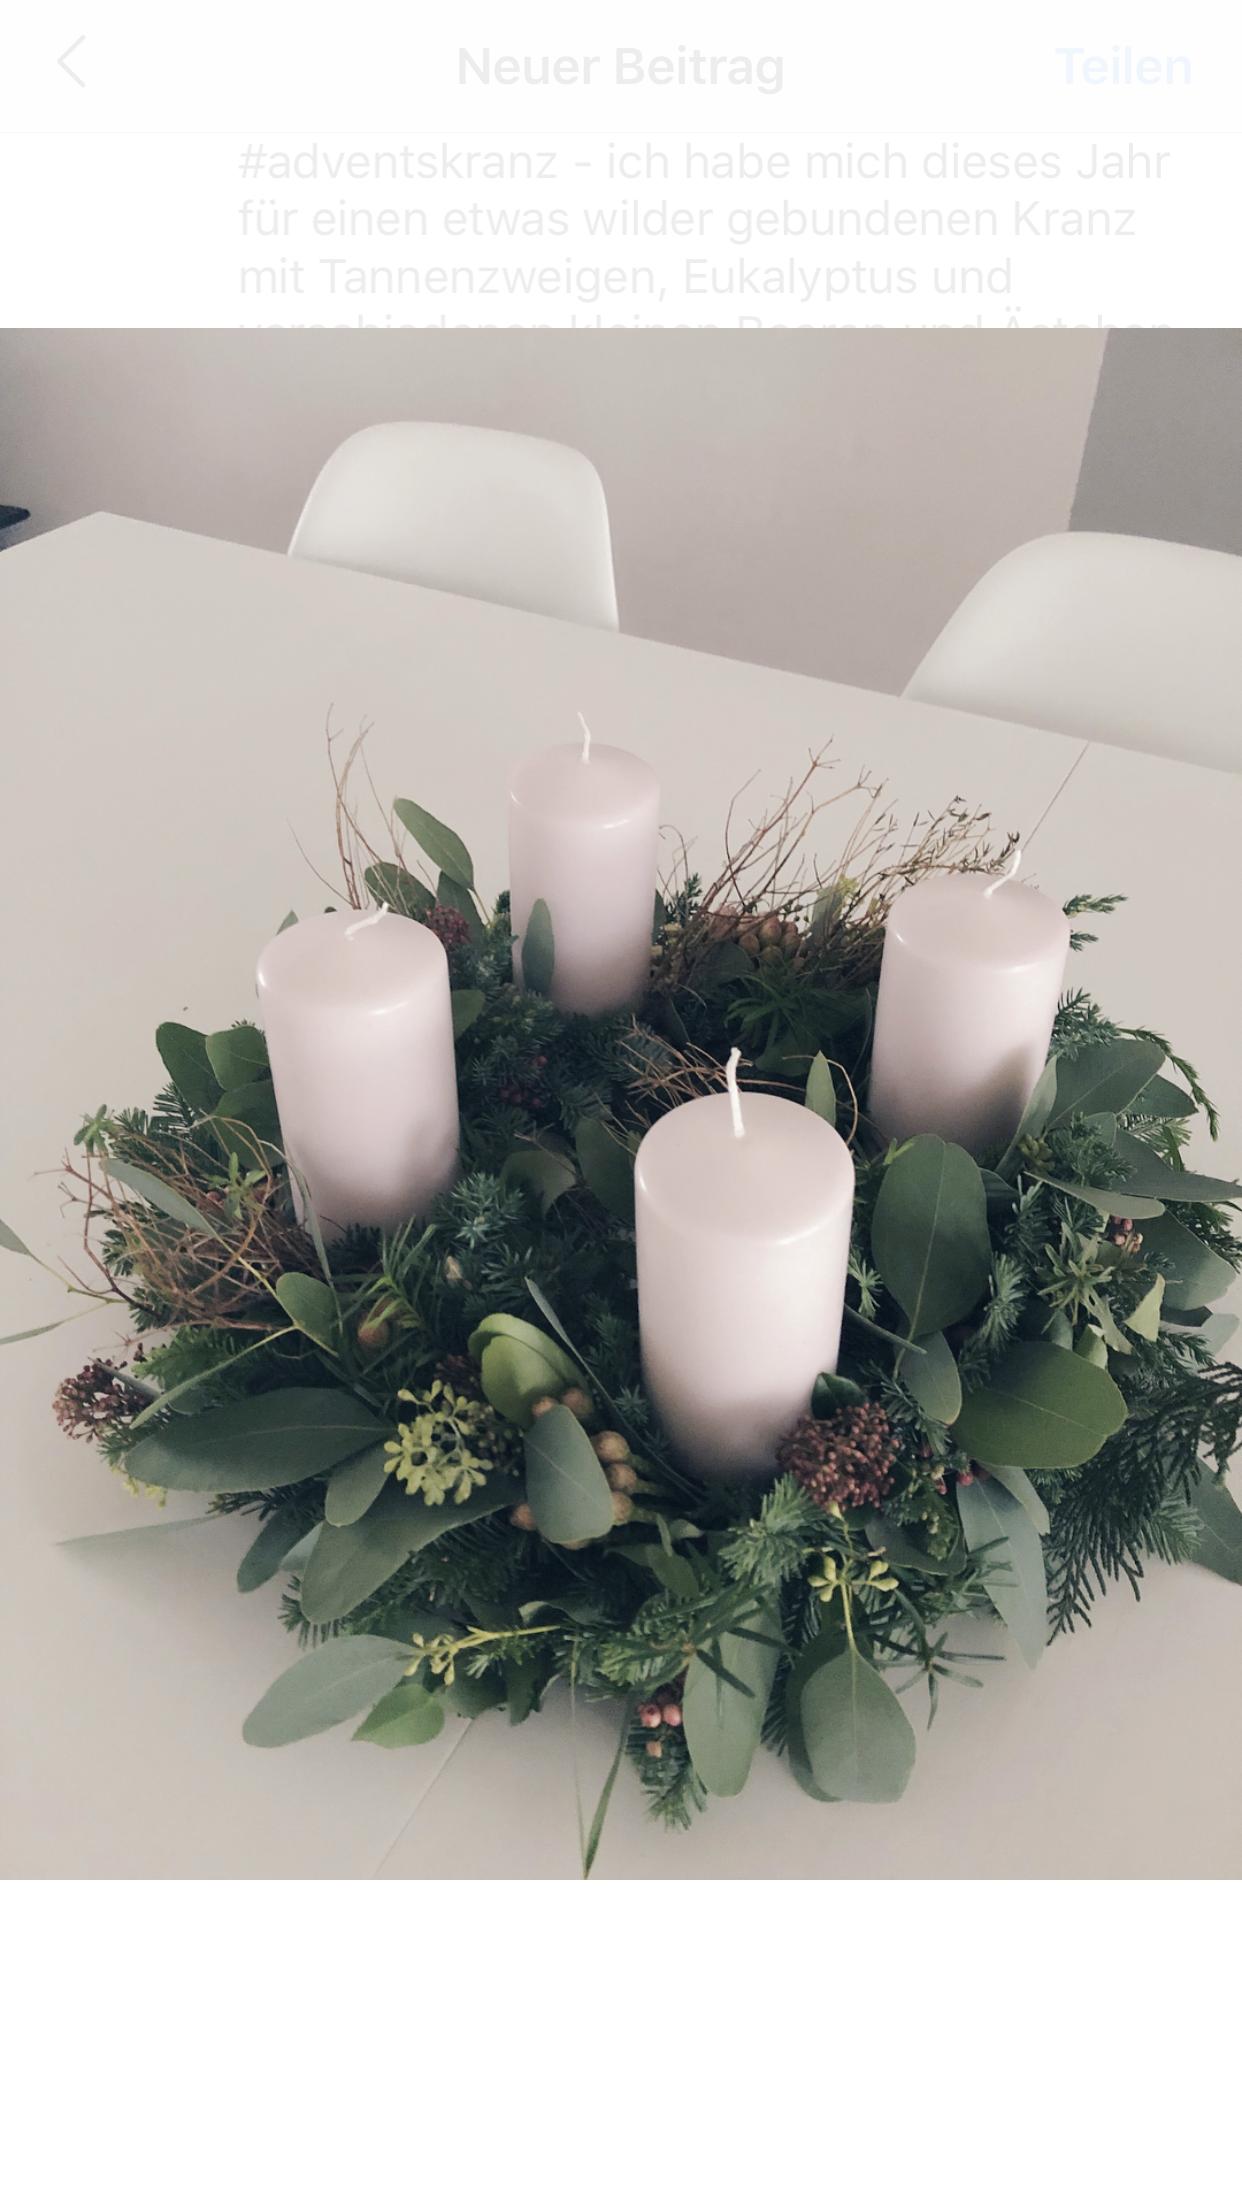 Adventskranz Tannenzweige Eukalyptus Simple Beautiful Altrosa Advent Weihnachten Deko Weihnachten Adventskranz Weihnachten Dekoration Und Adventskranz Selber Basteln